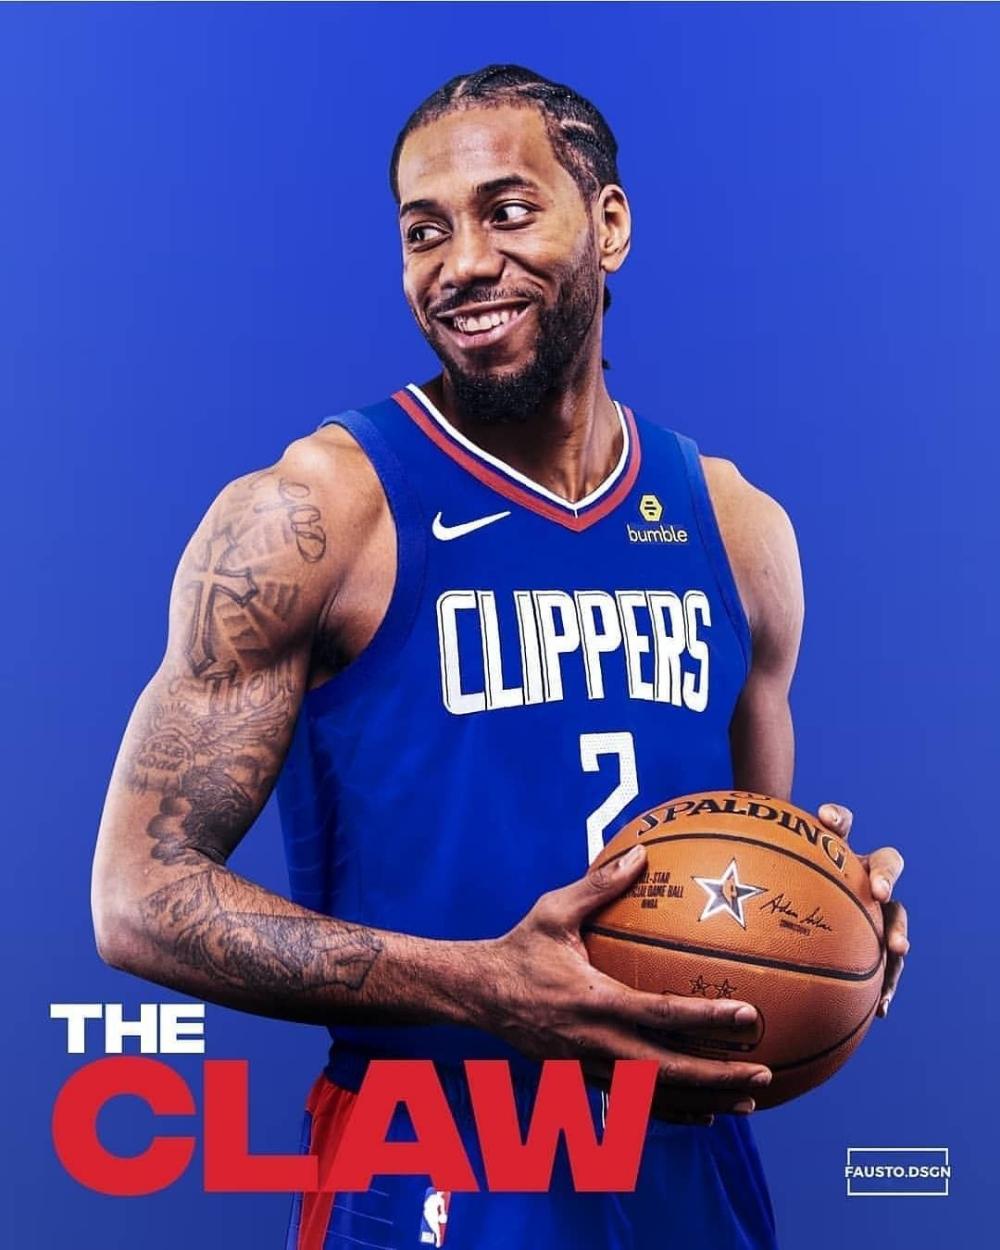 Kawhi Leonard La Clippers Nba Poster Culture Posters 20 Off Nba Players Best Nba Players Nba Basketball Teams